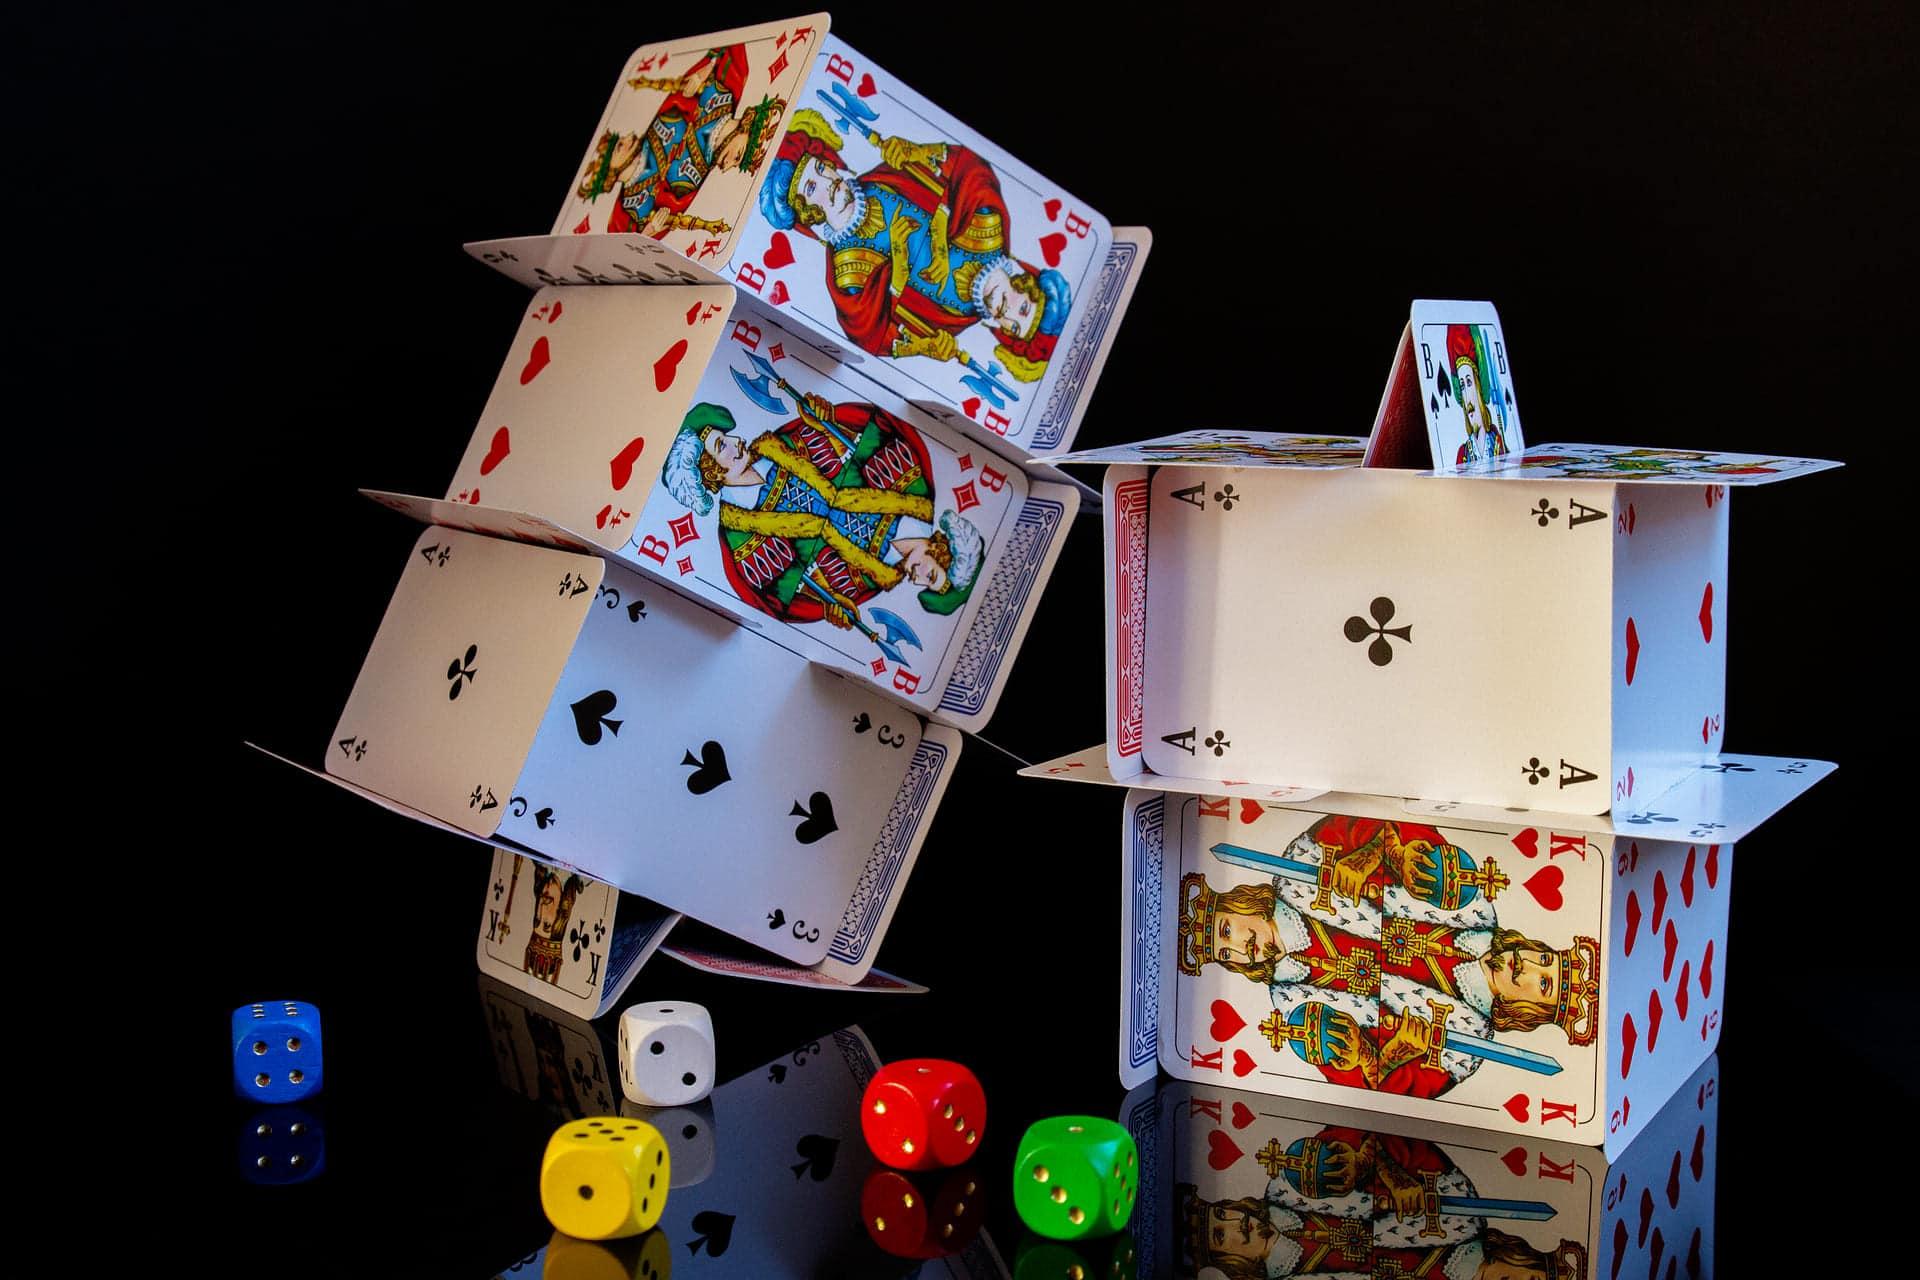 Pokerkarten: Test & Empfehlungen (07/20)